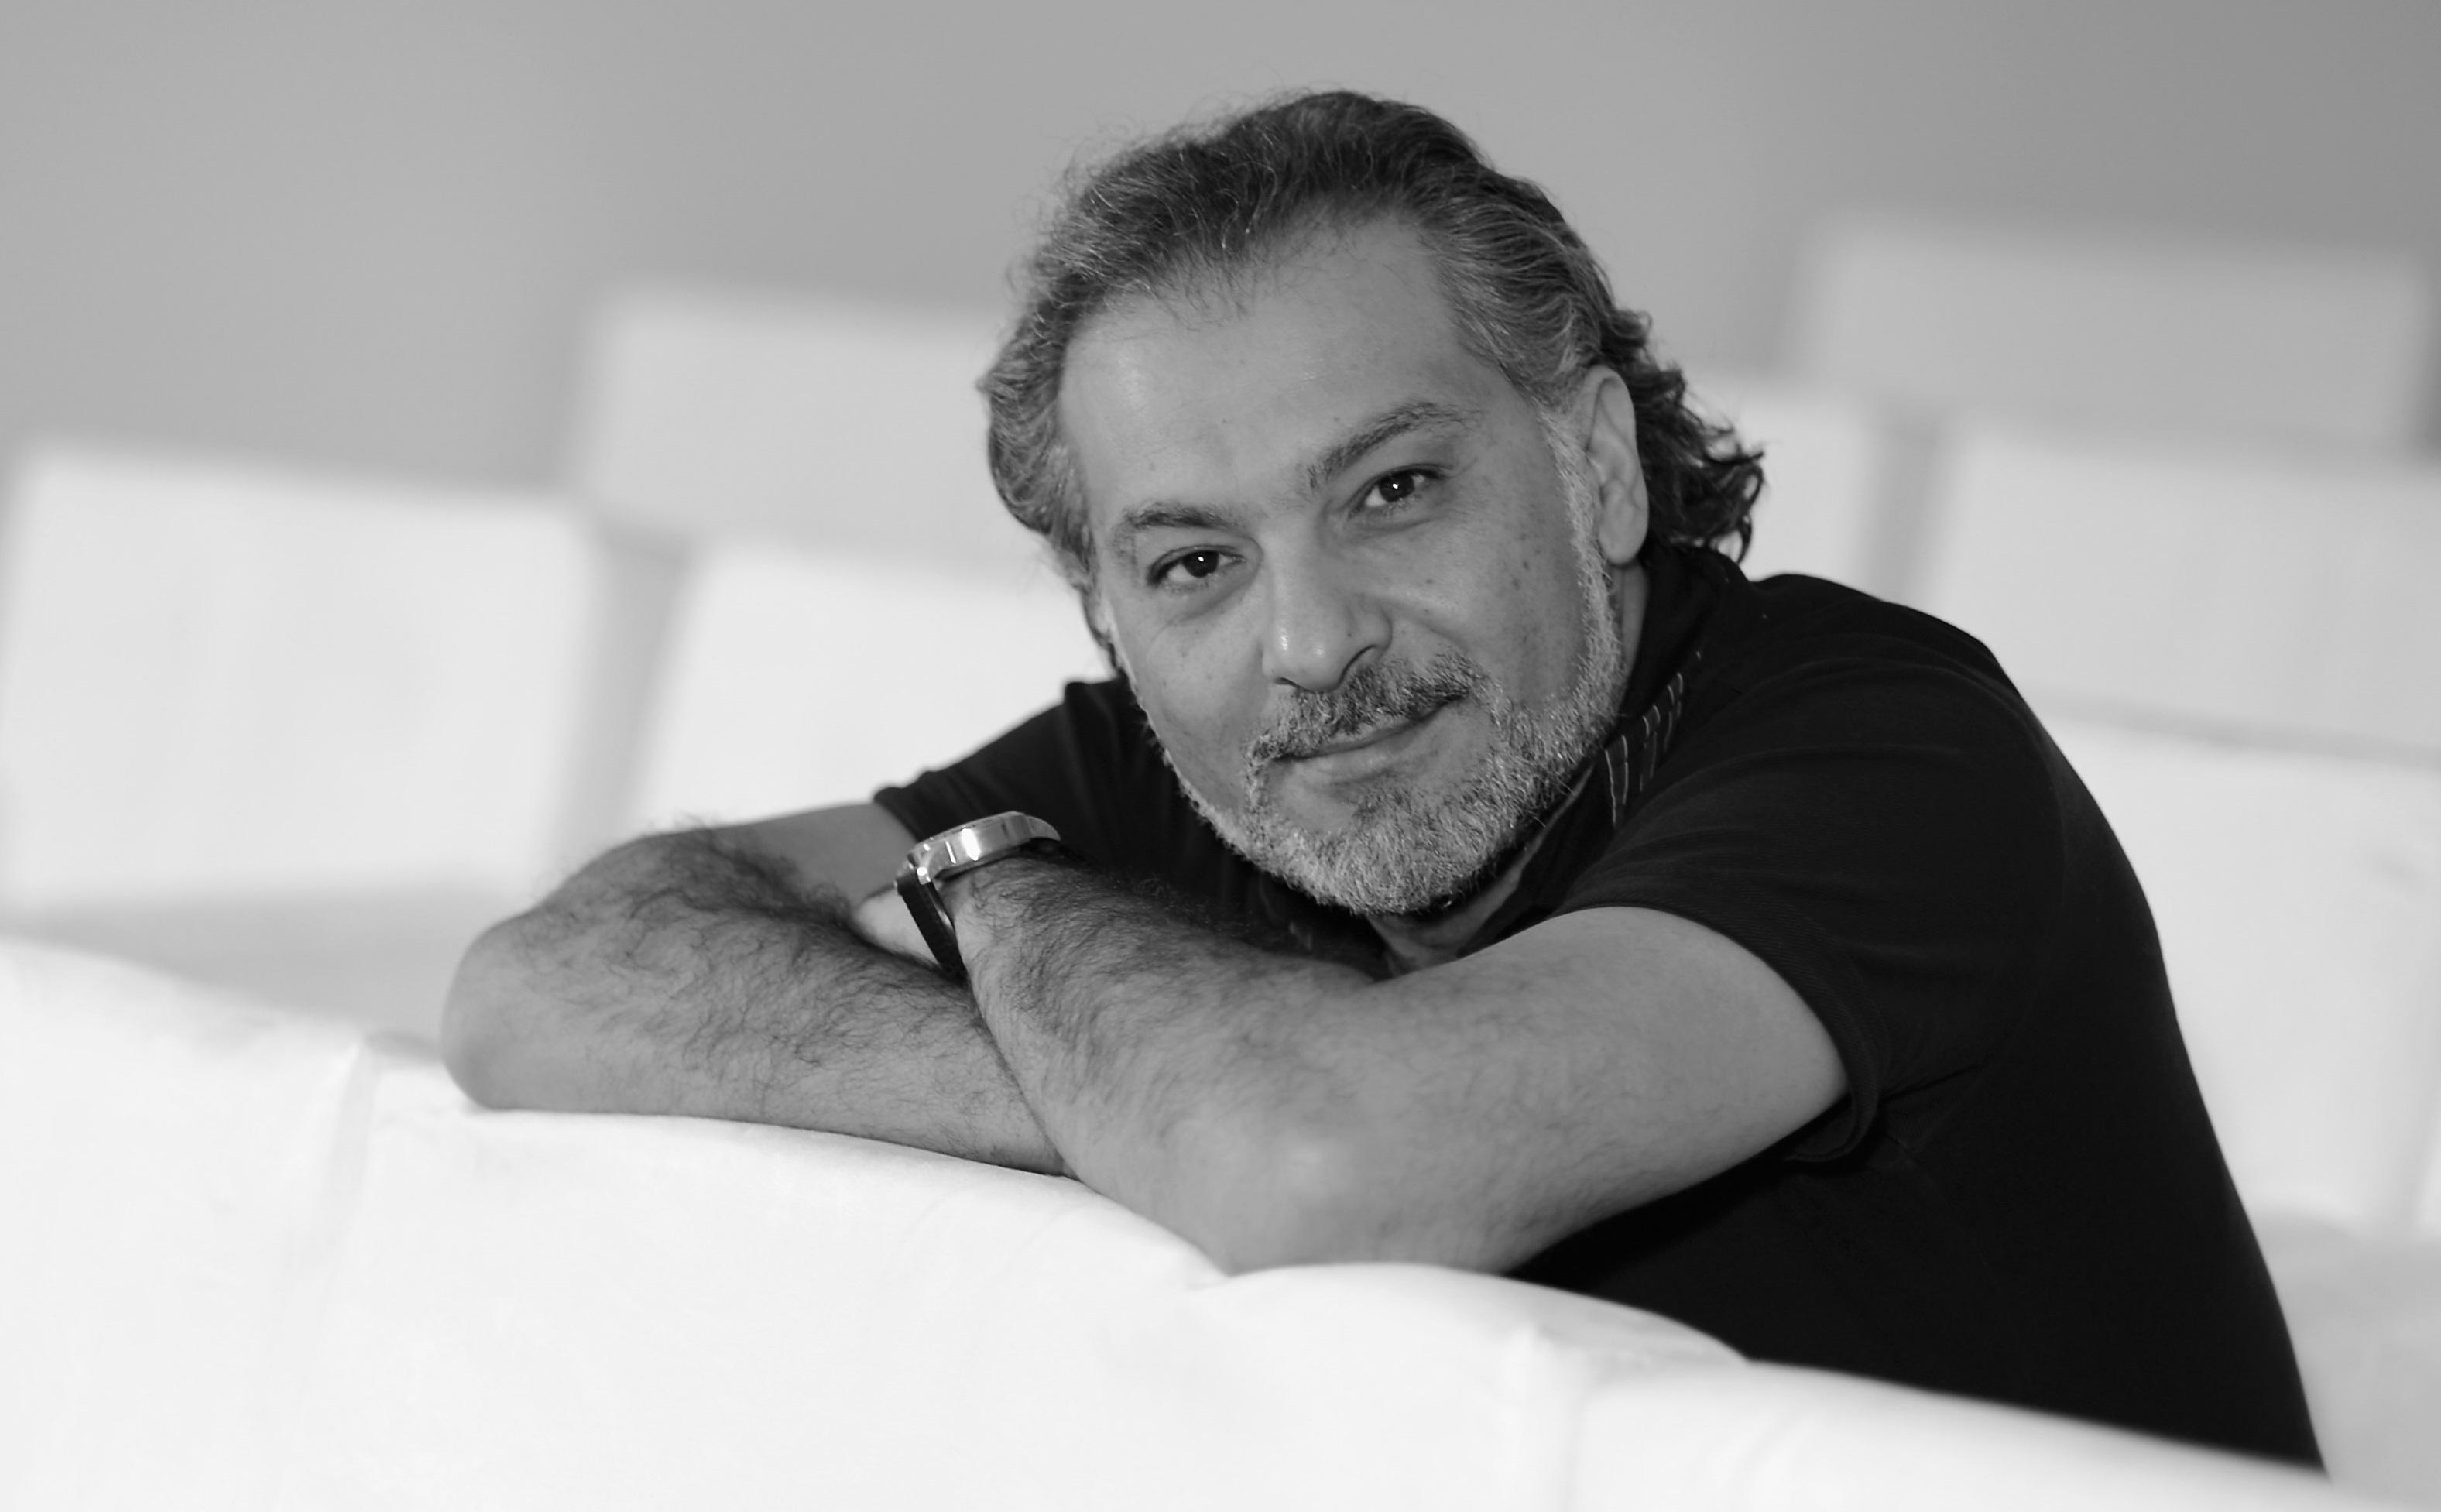 كاتب سوري يثير الجدل بعد وصف جنازة حاتم علي بالسيرك